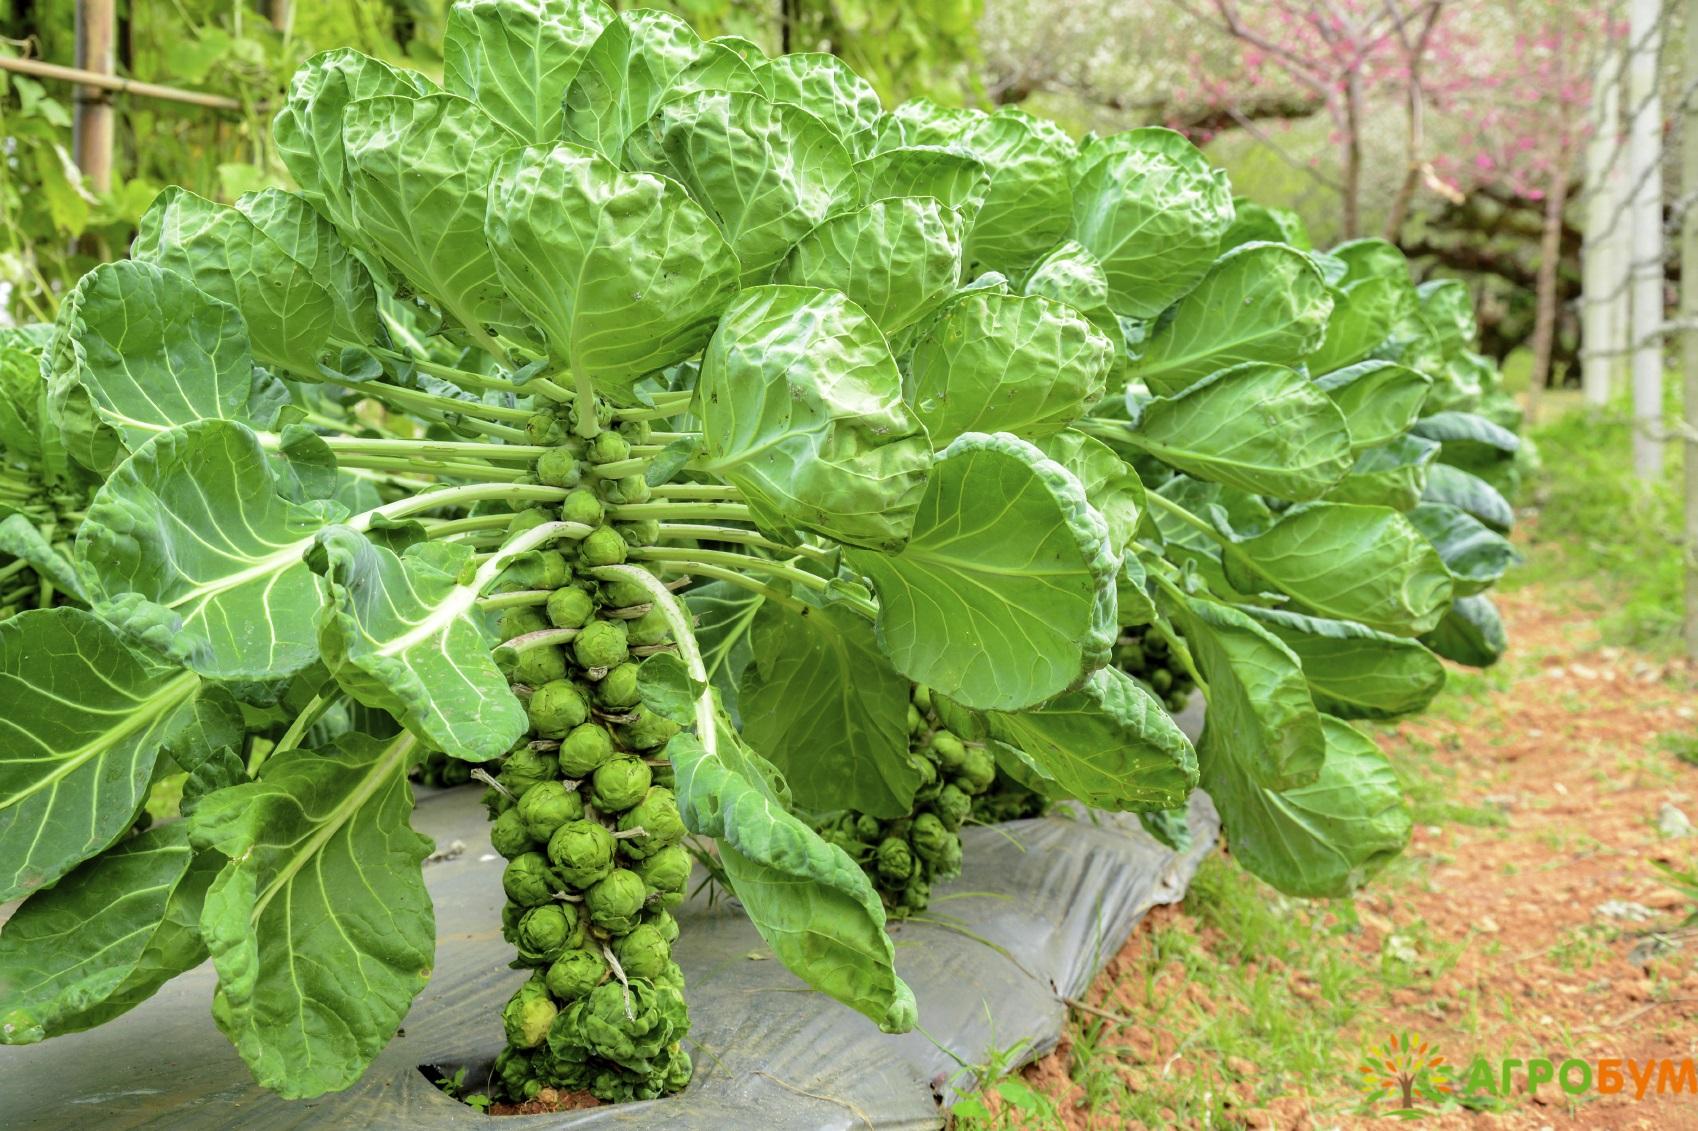 картинка брюссельской капусты